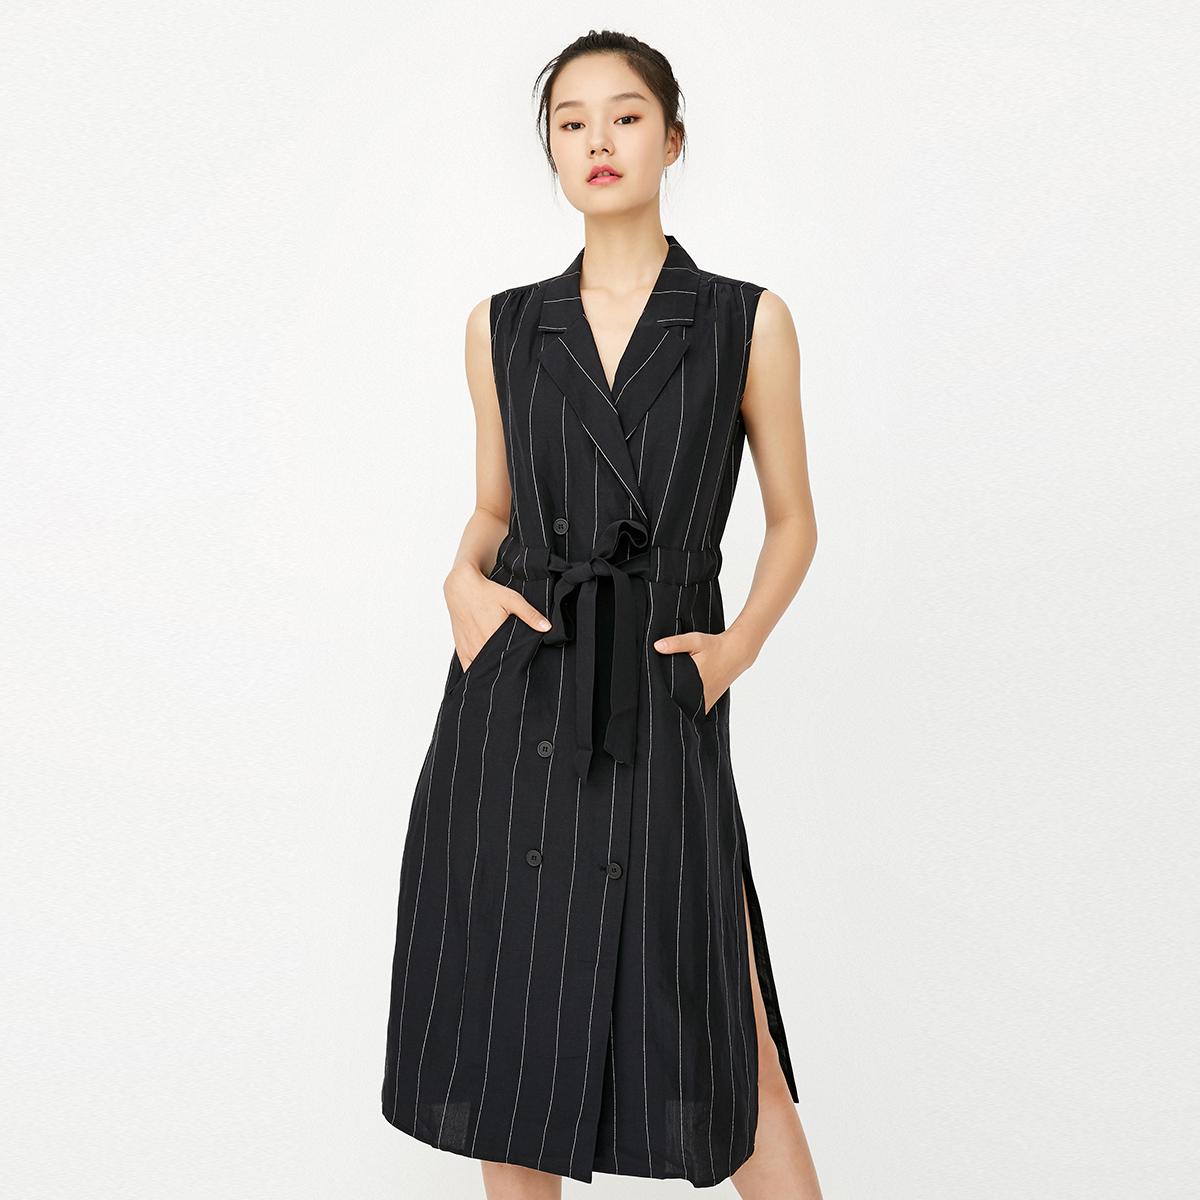 新款 条纹 双排 无袖 连衣裙